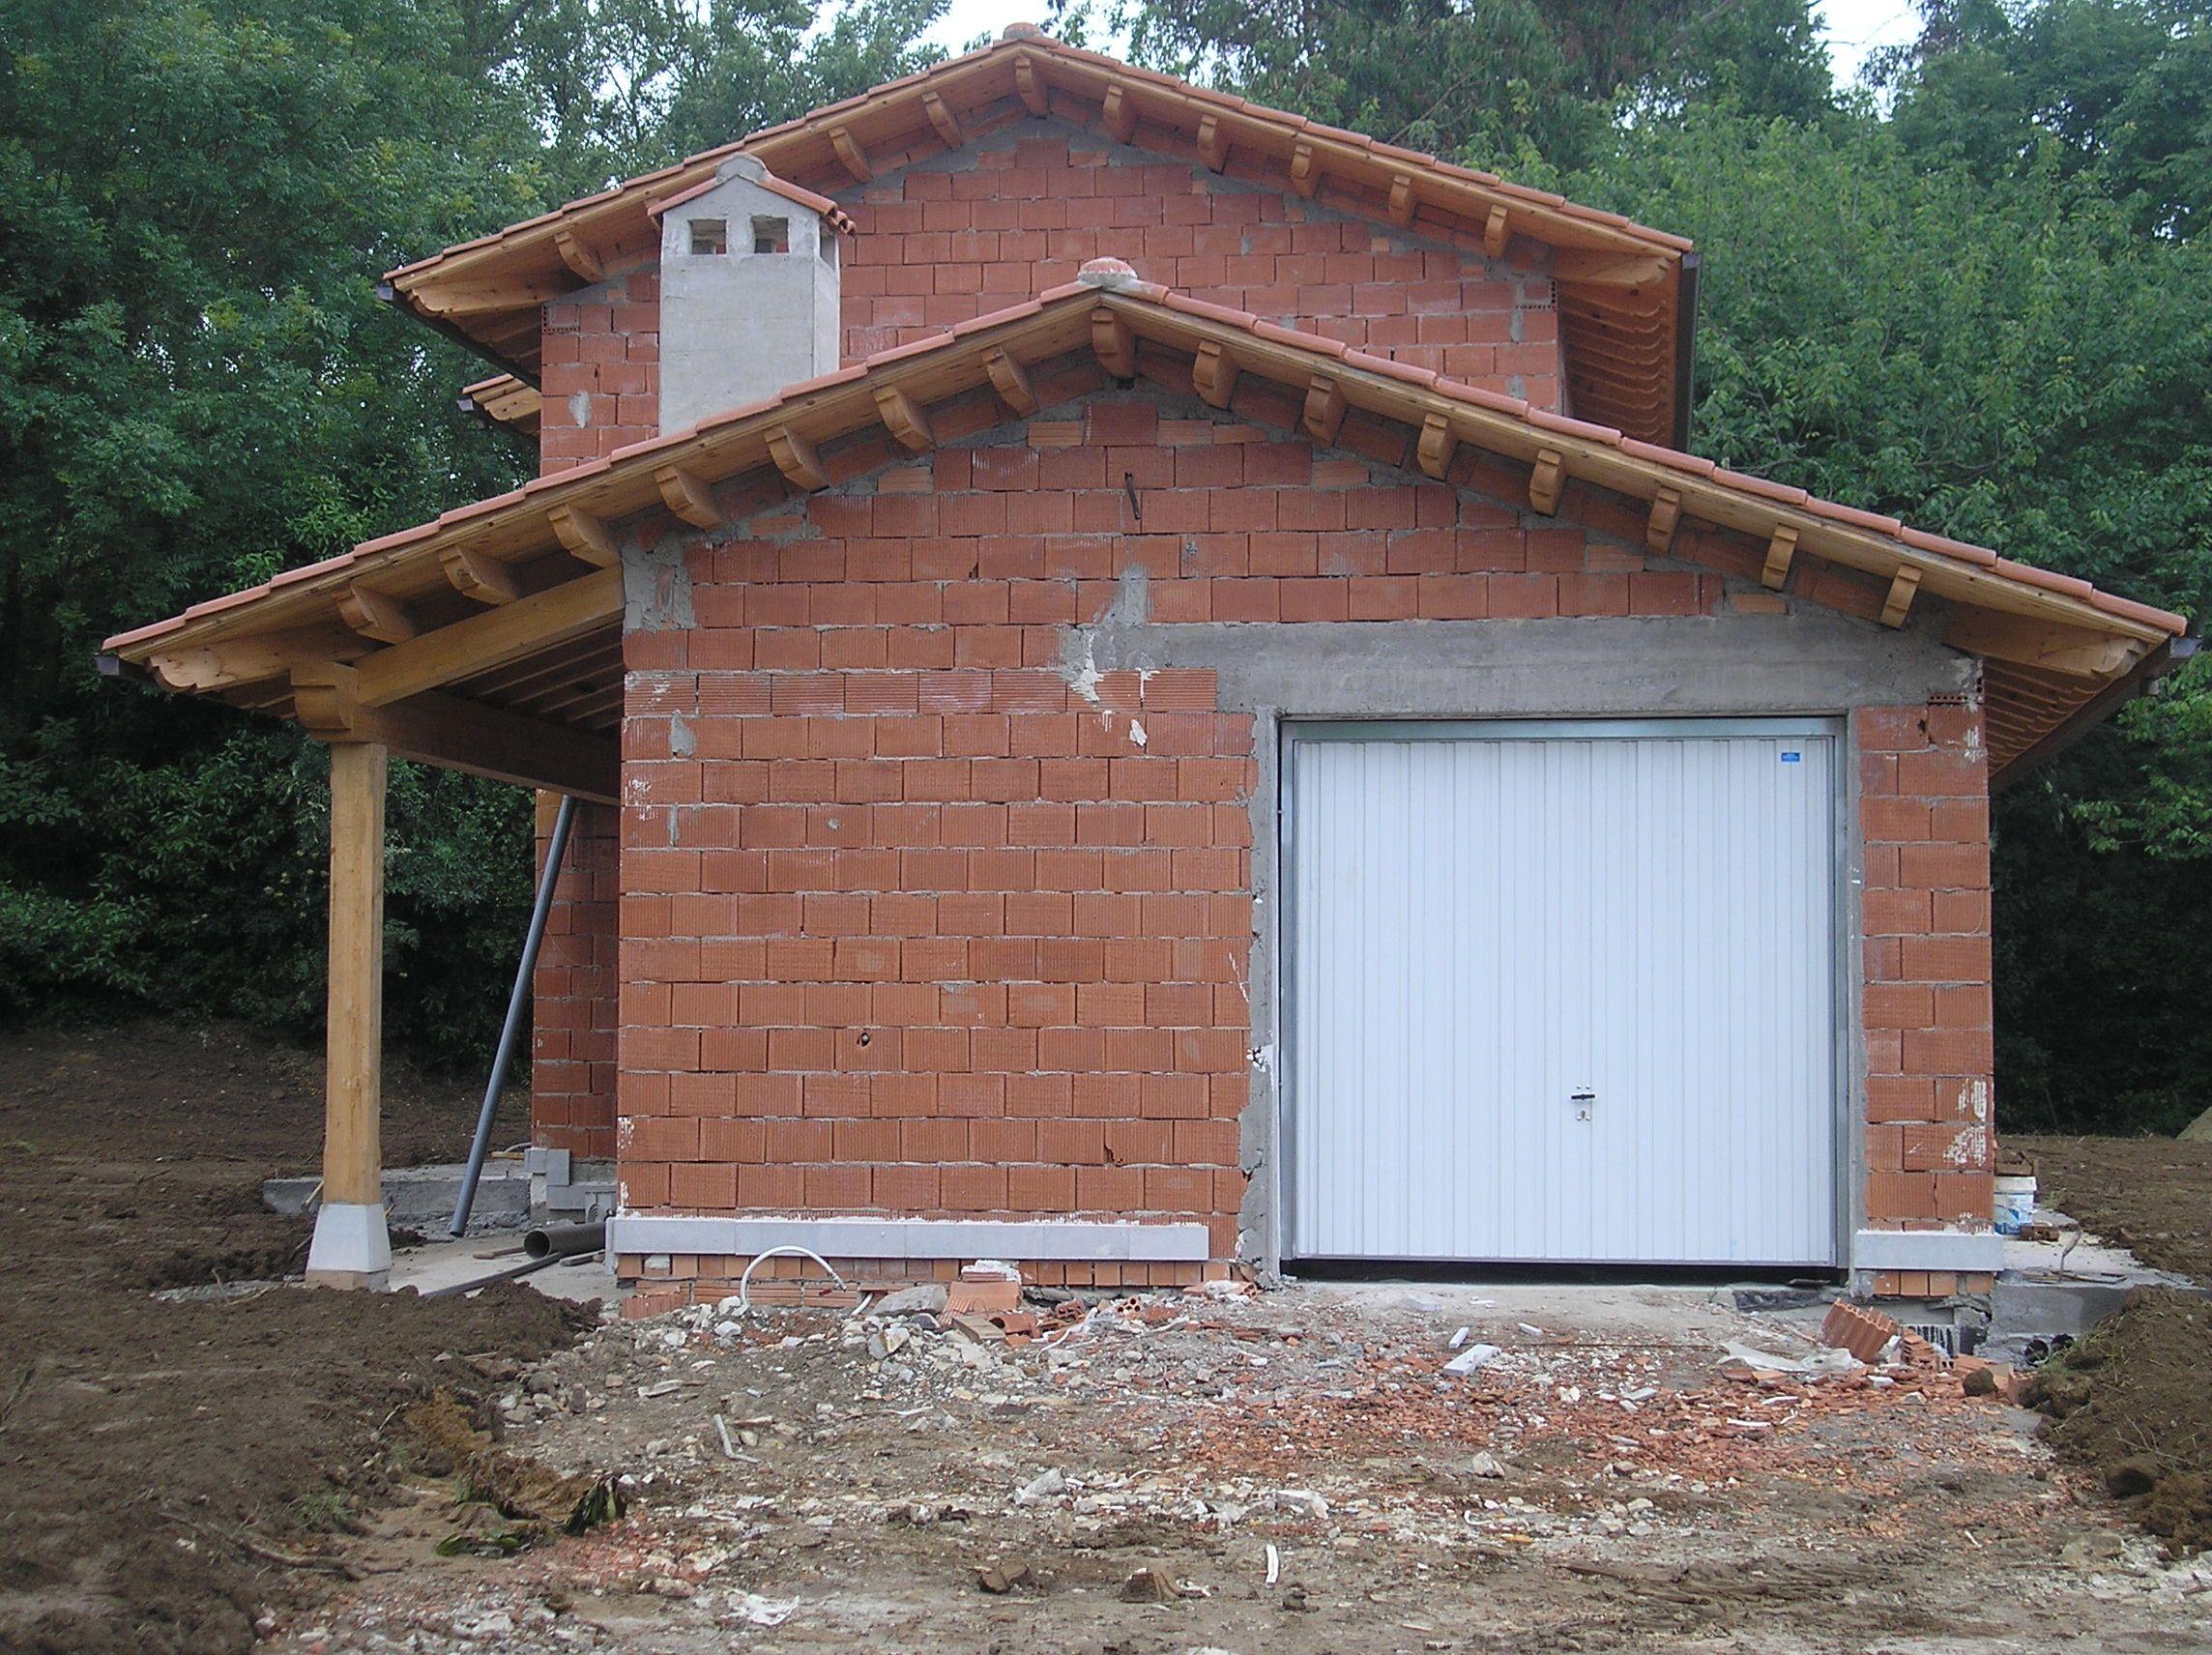 Construcci N De Un Peque O Refugio Pero Con Mucho Estilo Gracias  ~ Tejadillos Para Puertas Rusticos